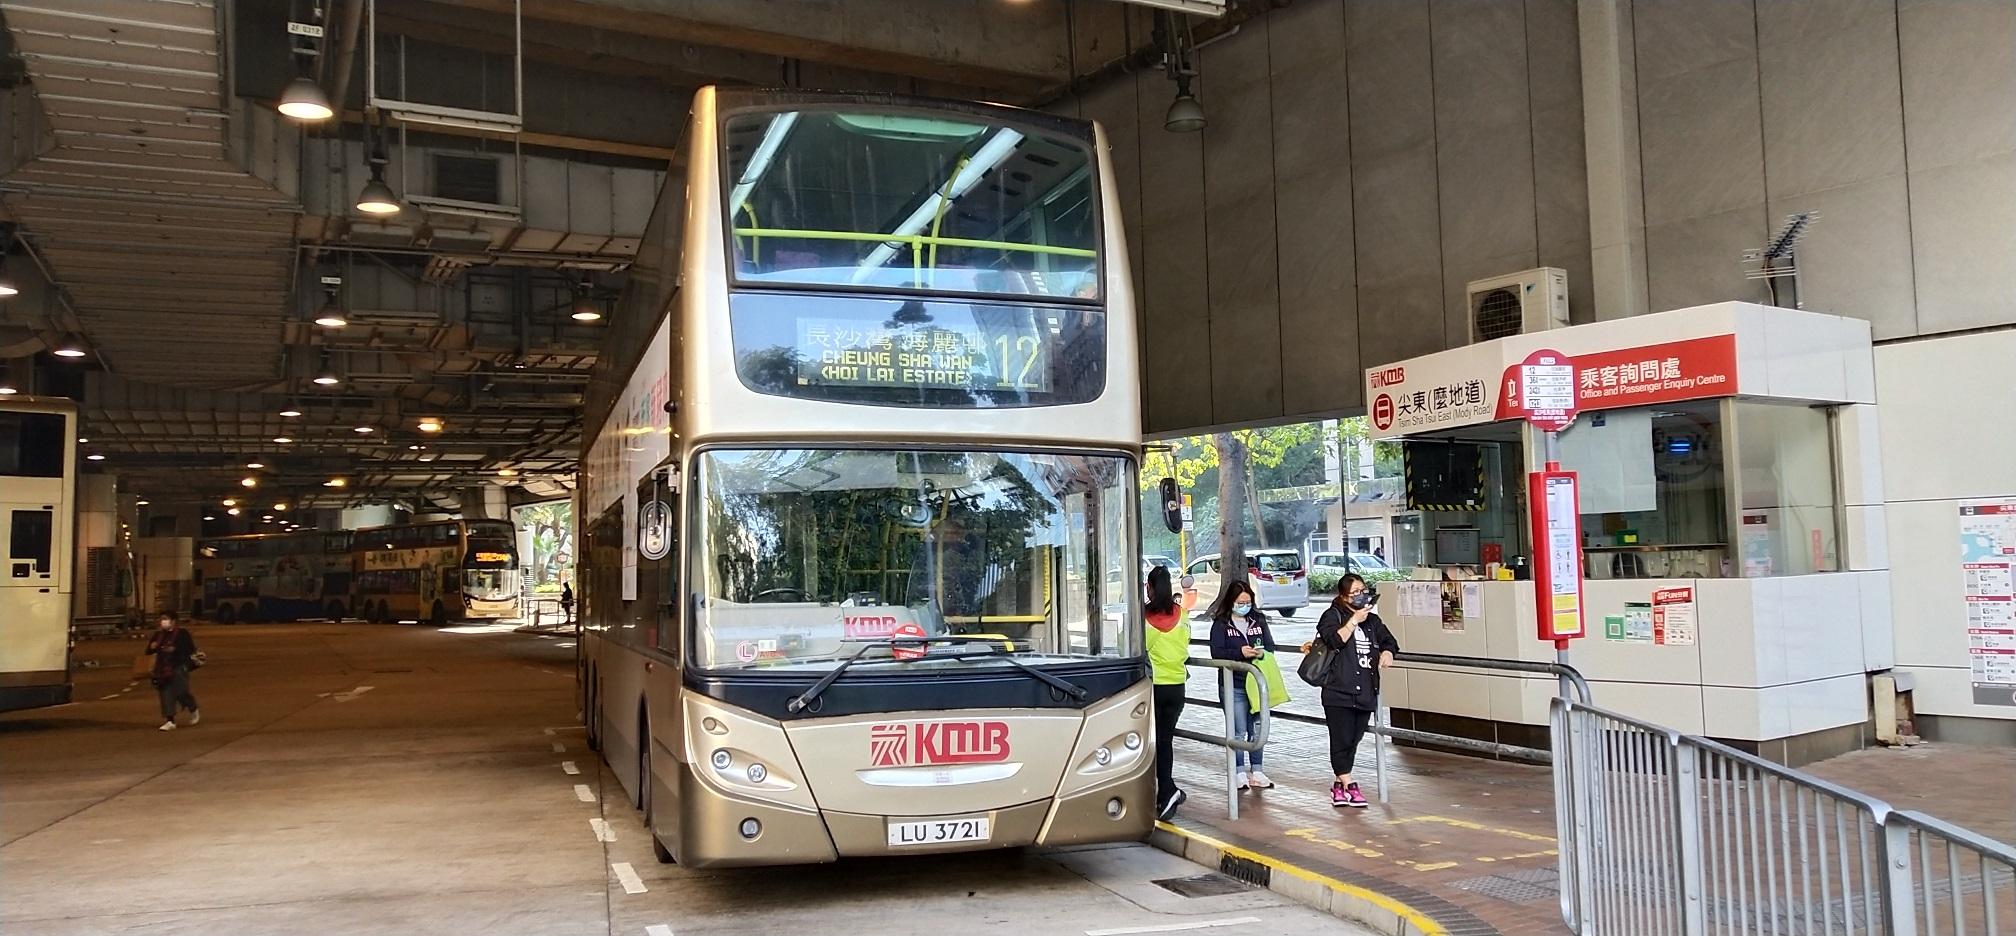 Tsim Sha Tsui East (Mody Road) bus terminus